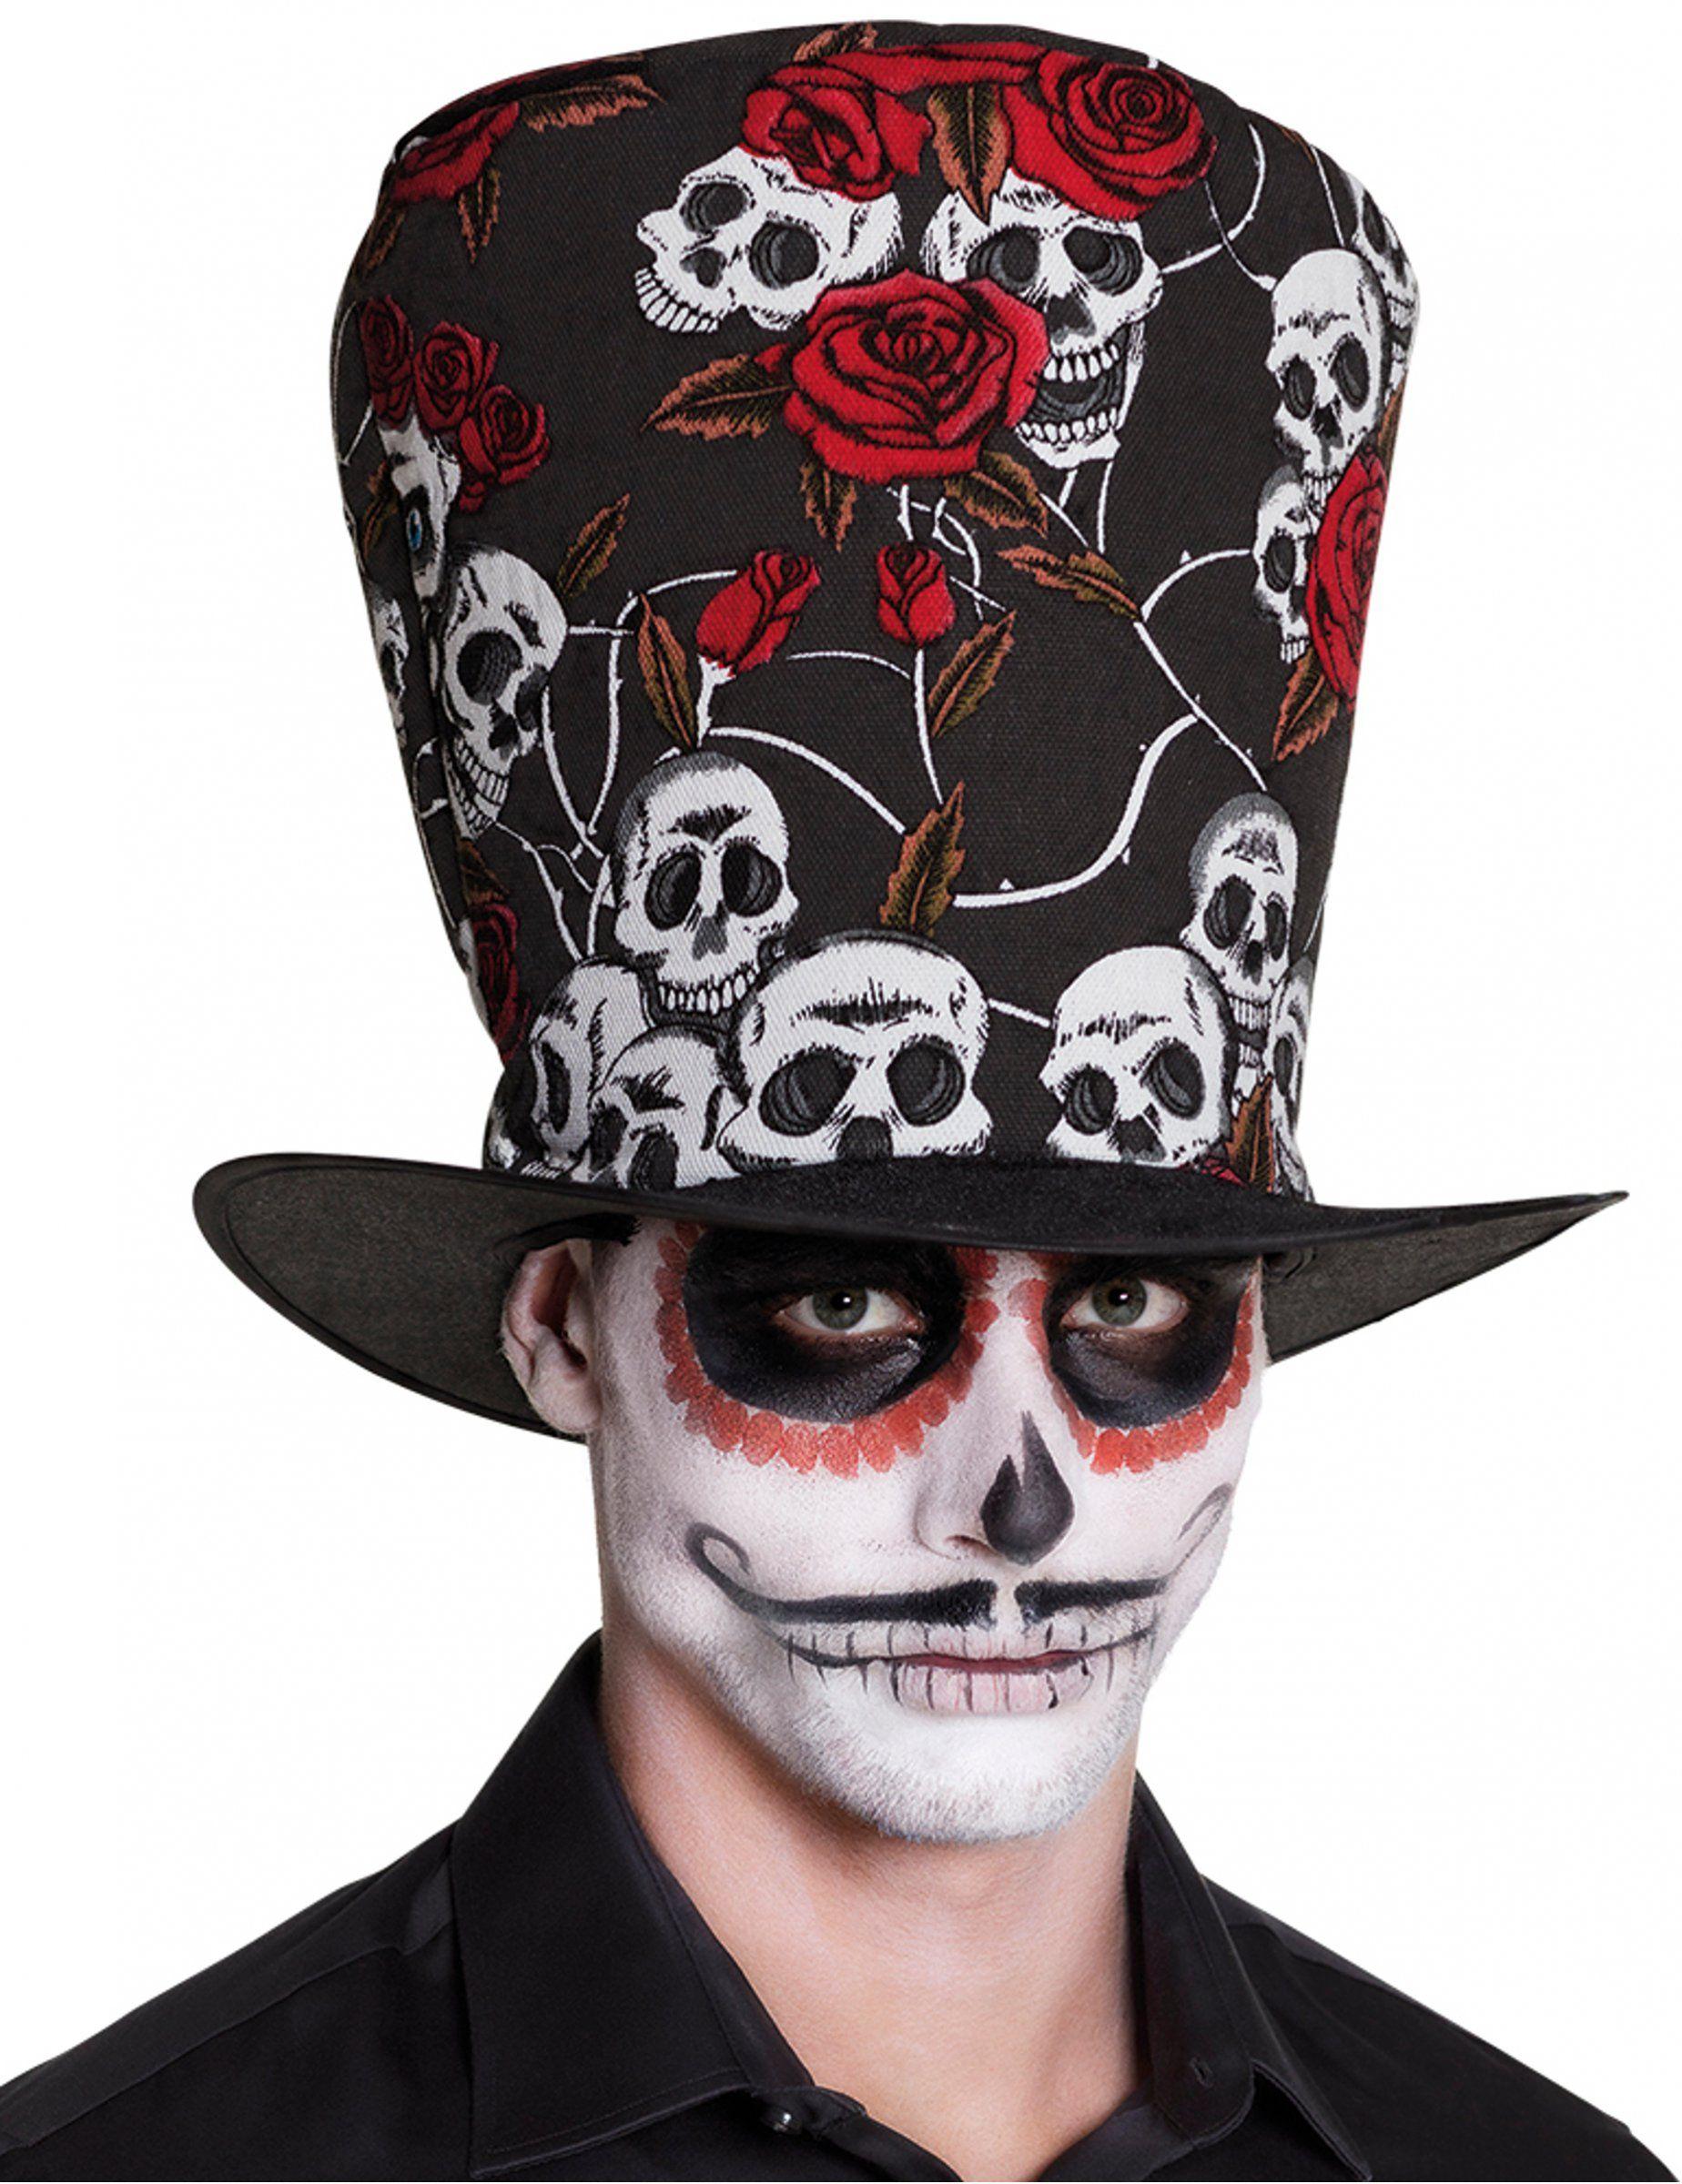 Sombrero de copa calavera y rosas rojas adulto Día de los muertos  Este  accesorio para 6f0e6c7c1a02